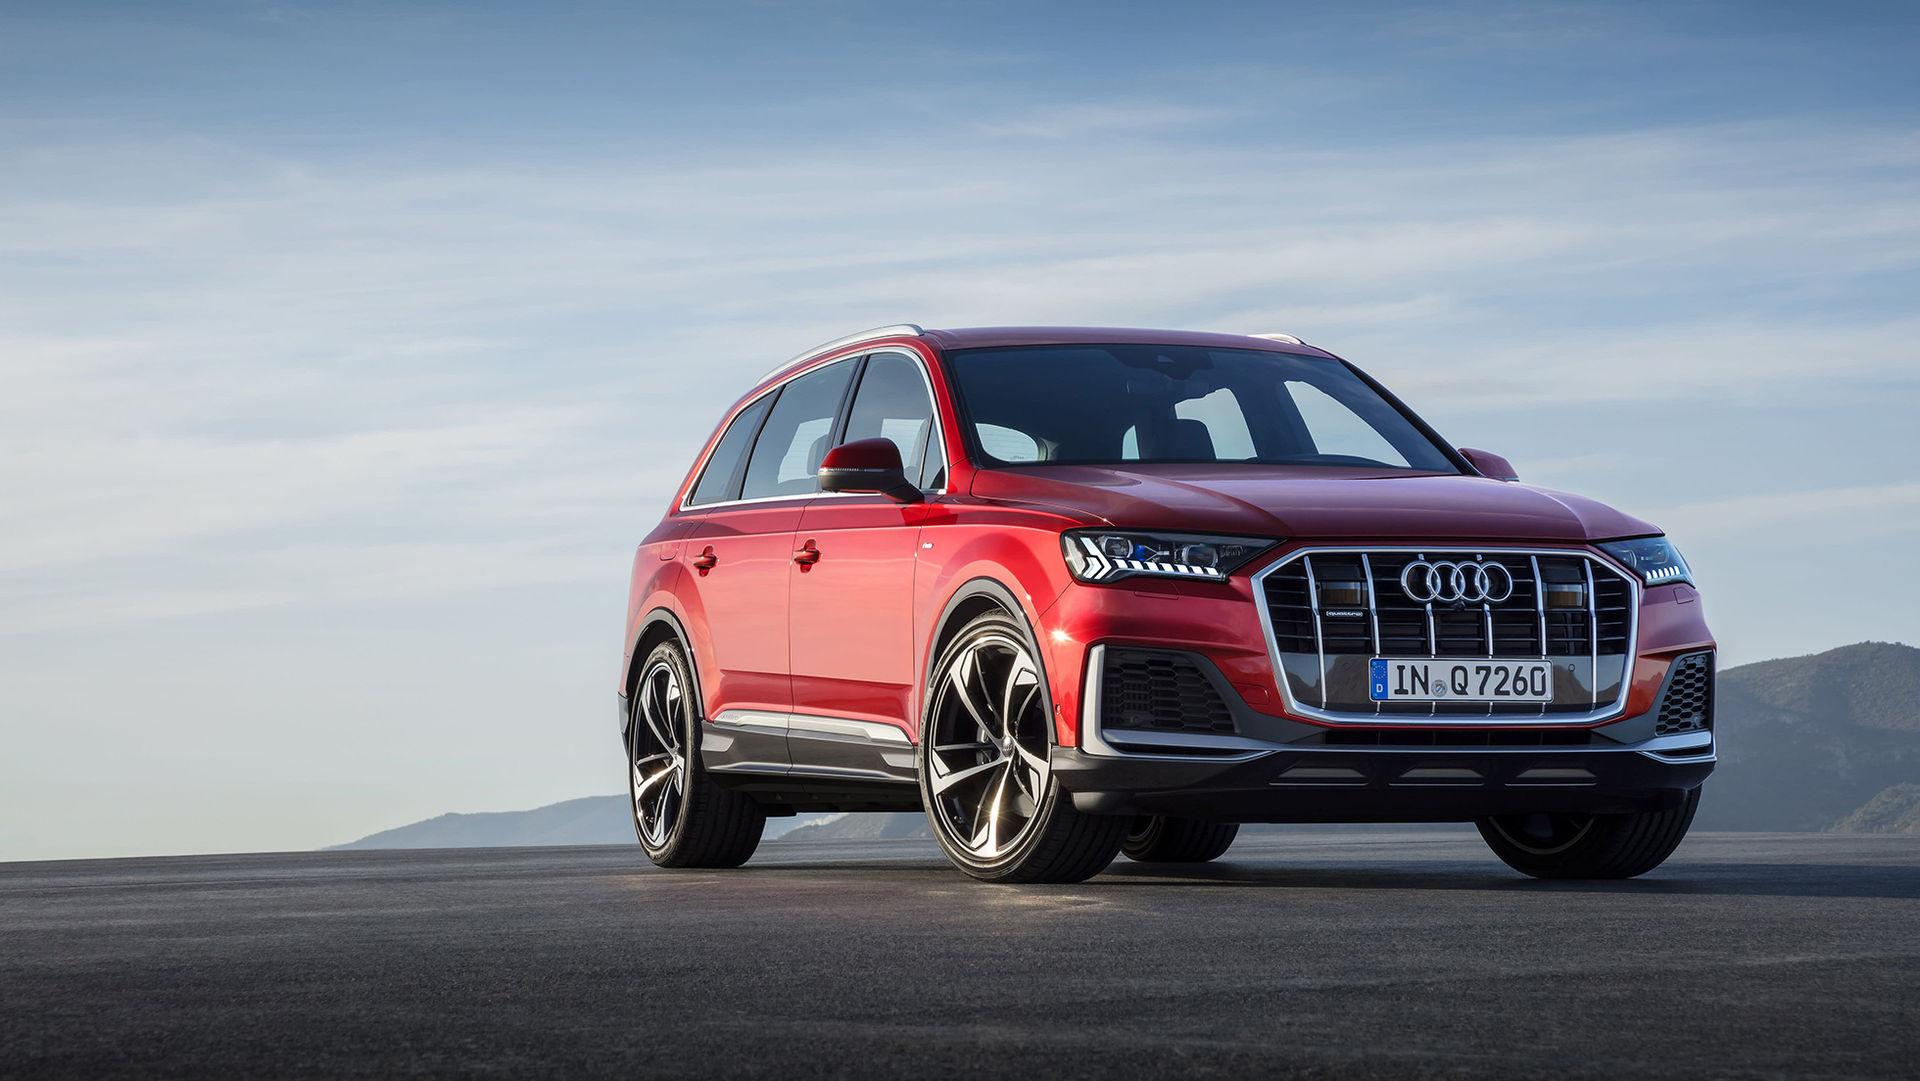 Audi lyfter Q7